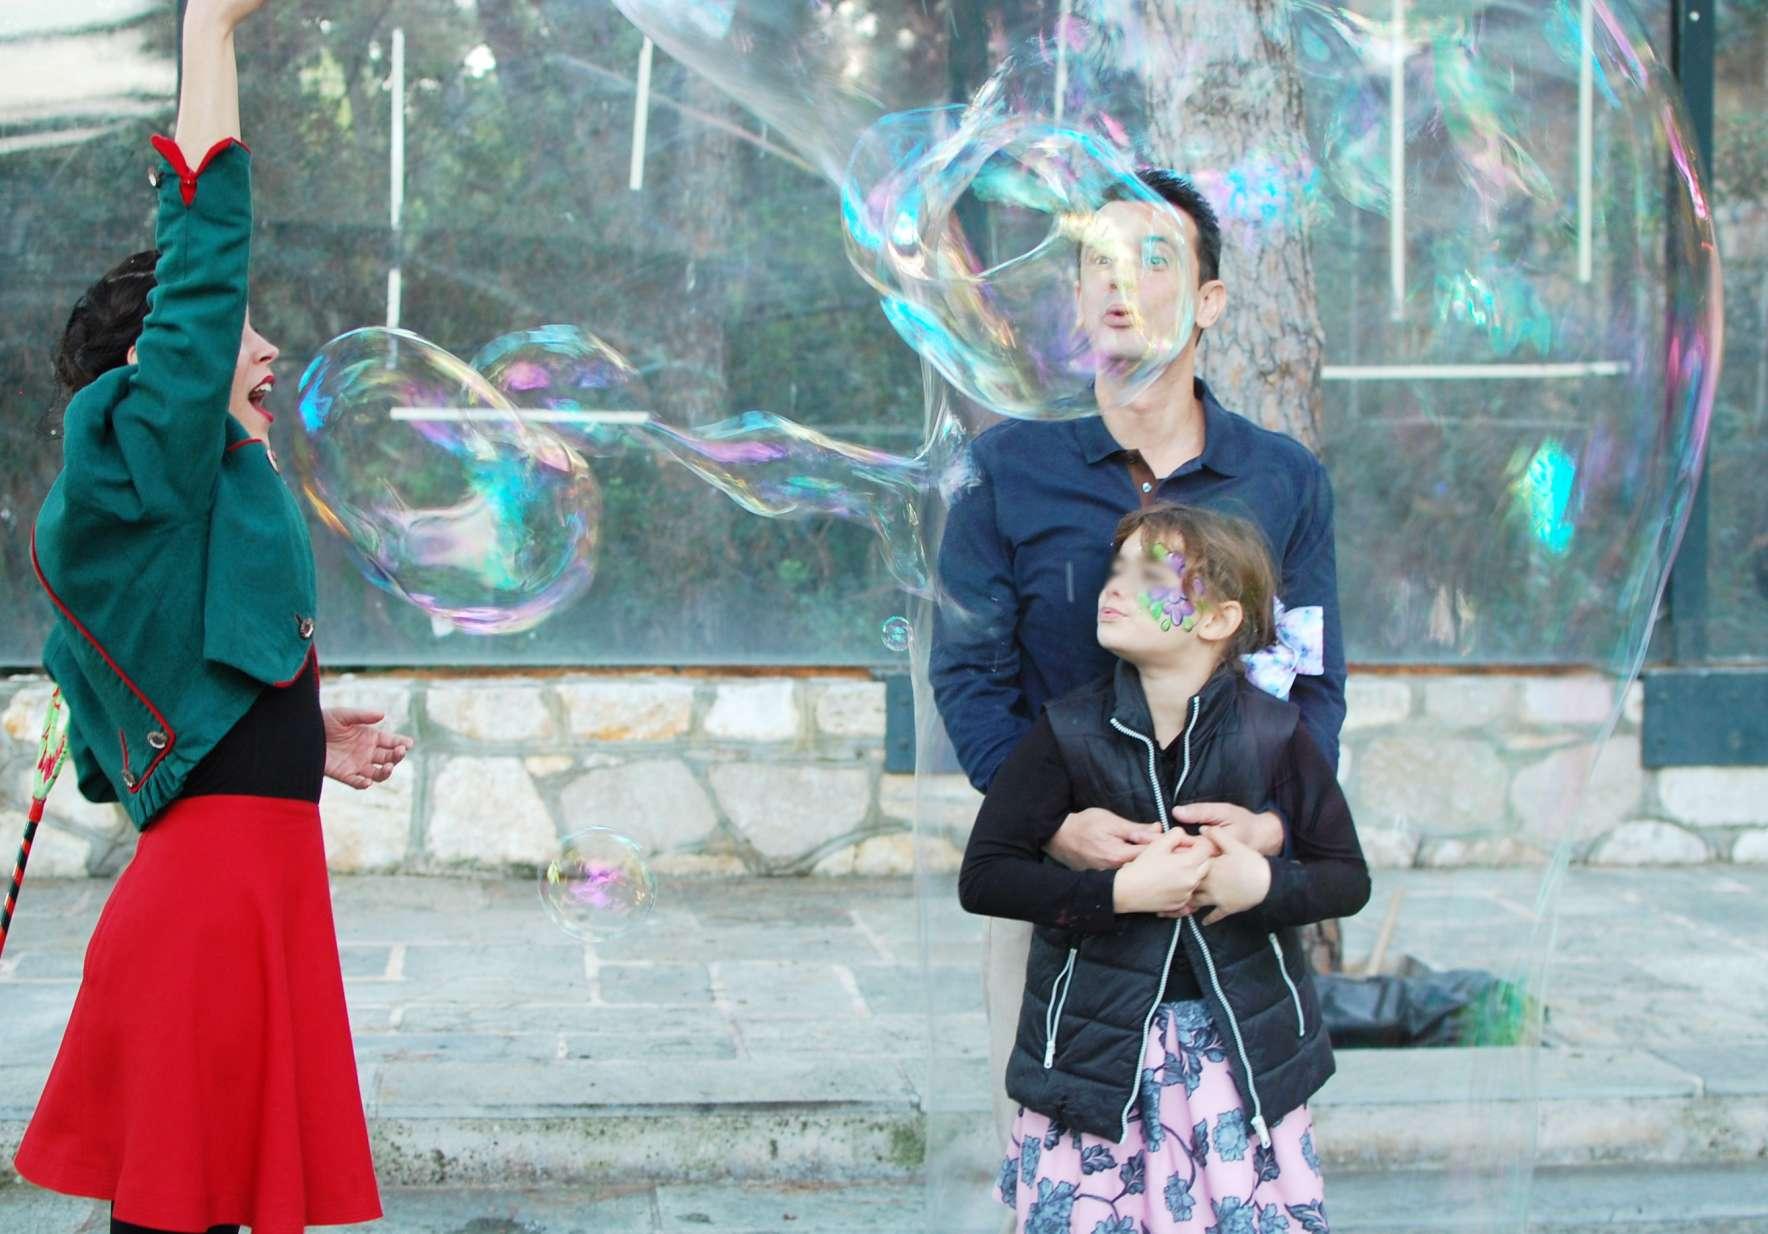 Μπαμπάς και κόρη φυσάνε σαπουνόφουσκες μέσα από τεράστια σαπουνόφουσκα σε παιδικό πάρτυ.